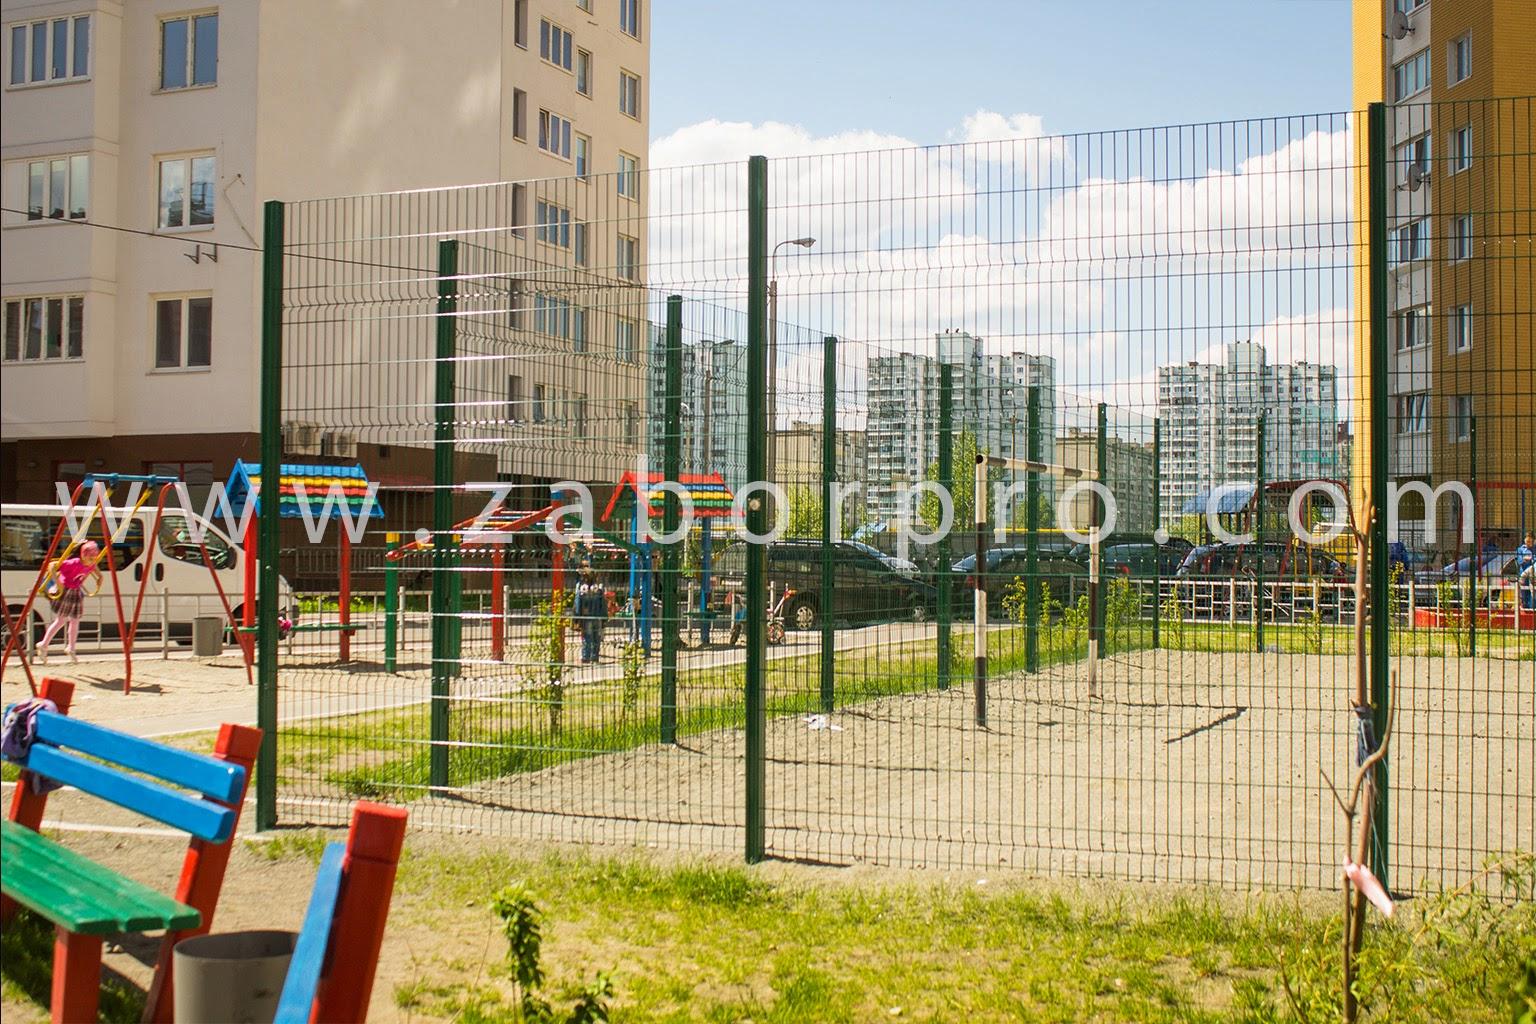 ограждение многоквартирного дома, спортивной и детской площадок-0013